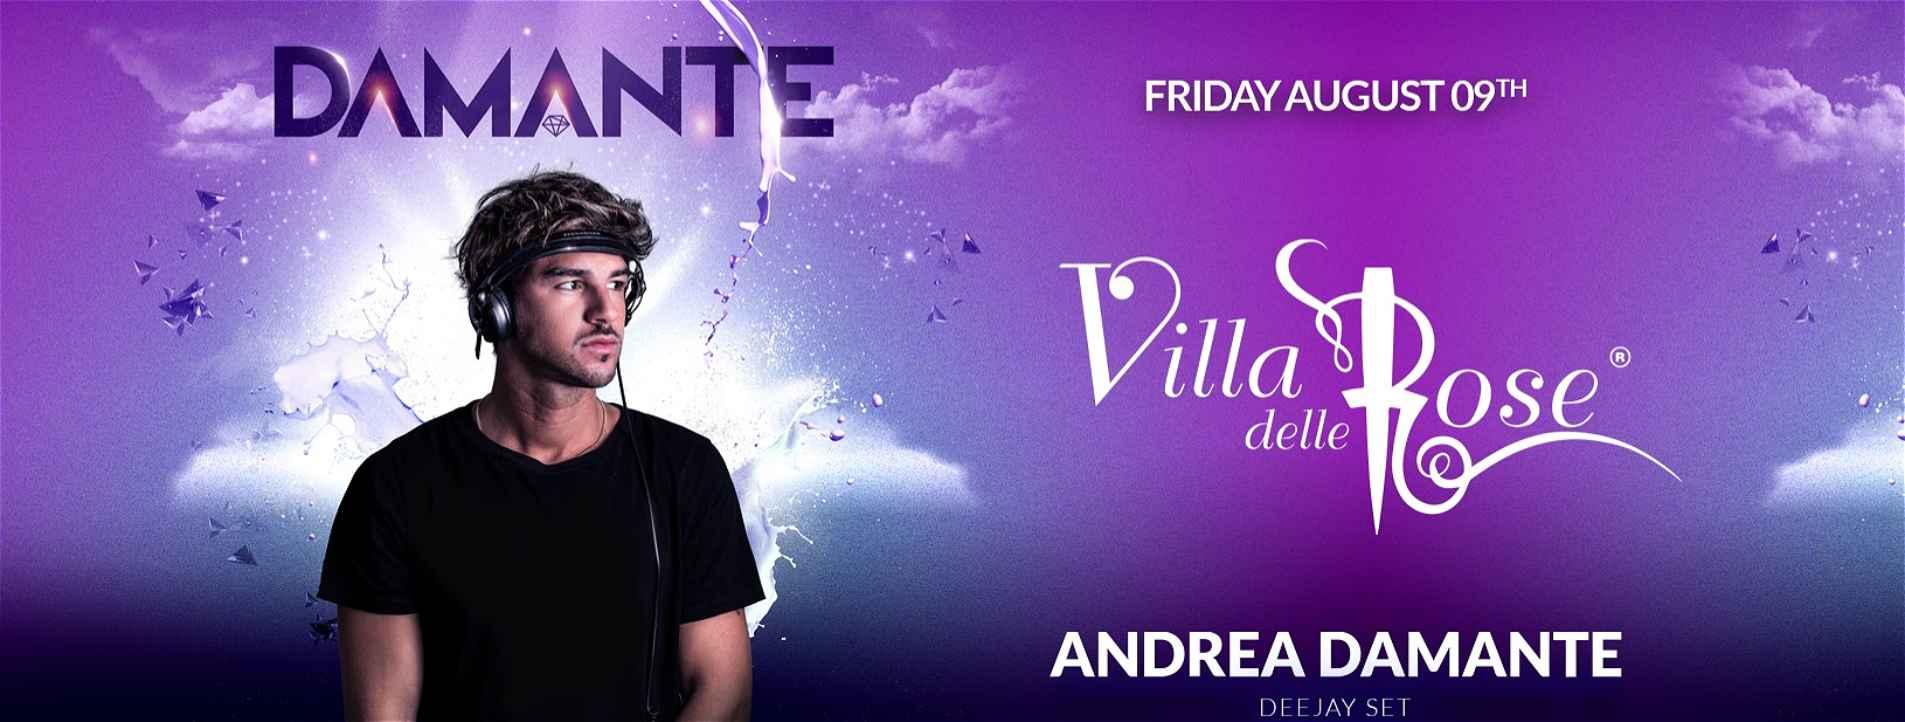 Andrea Damante alla Villa Delle Rose – Venerdì 09 Agosto 2019 – Ticket -Biglietti 18app – Pacchetti Hotel